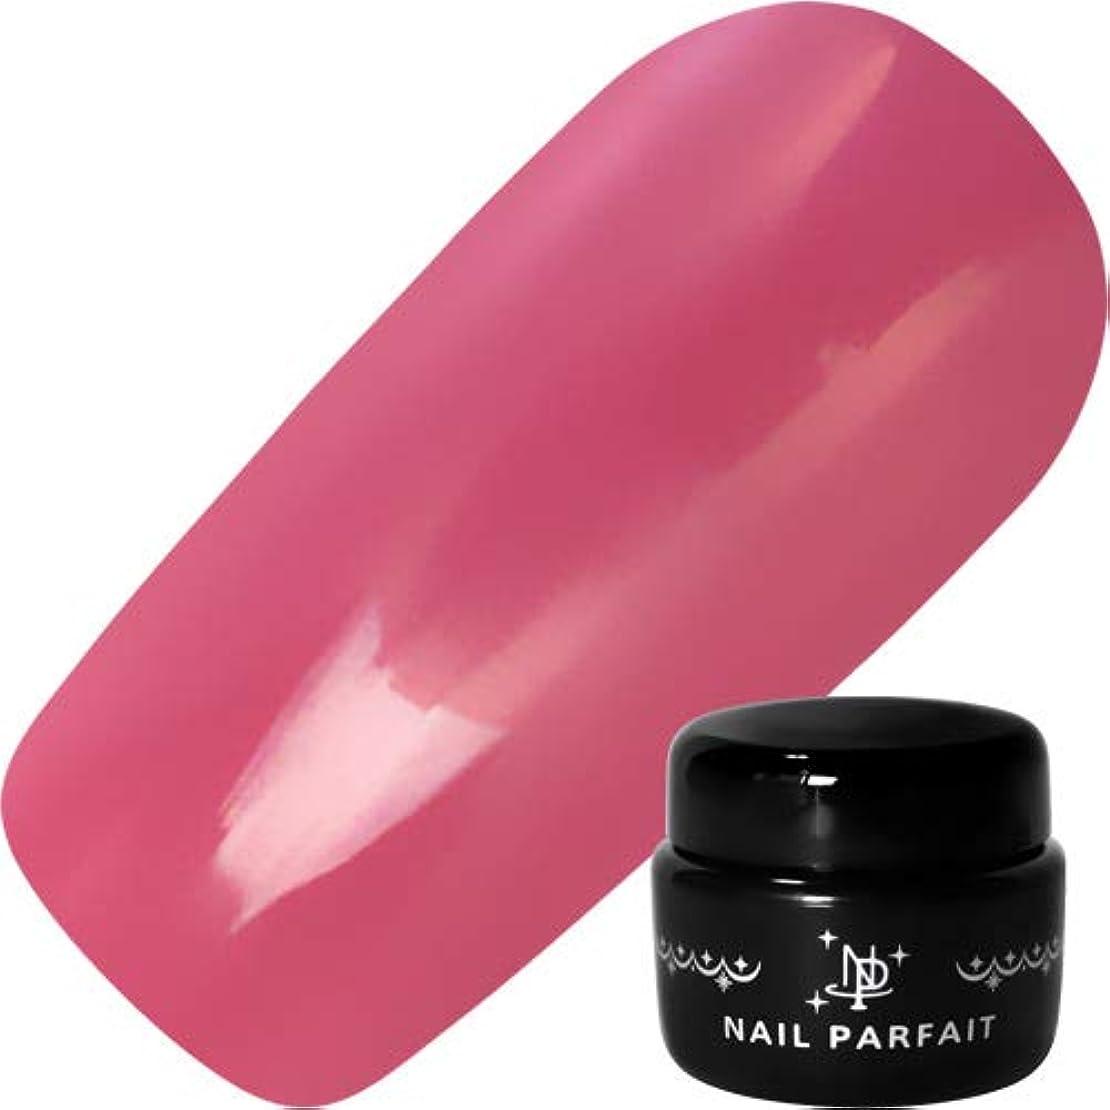 仕様同種のトランクNAIL PARFAIT ネイルパフェ カラージェル A56ローズピンク 2g 【ジェル/カラージェル?ネイル用品】